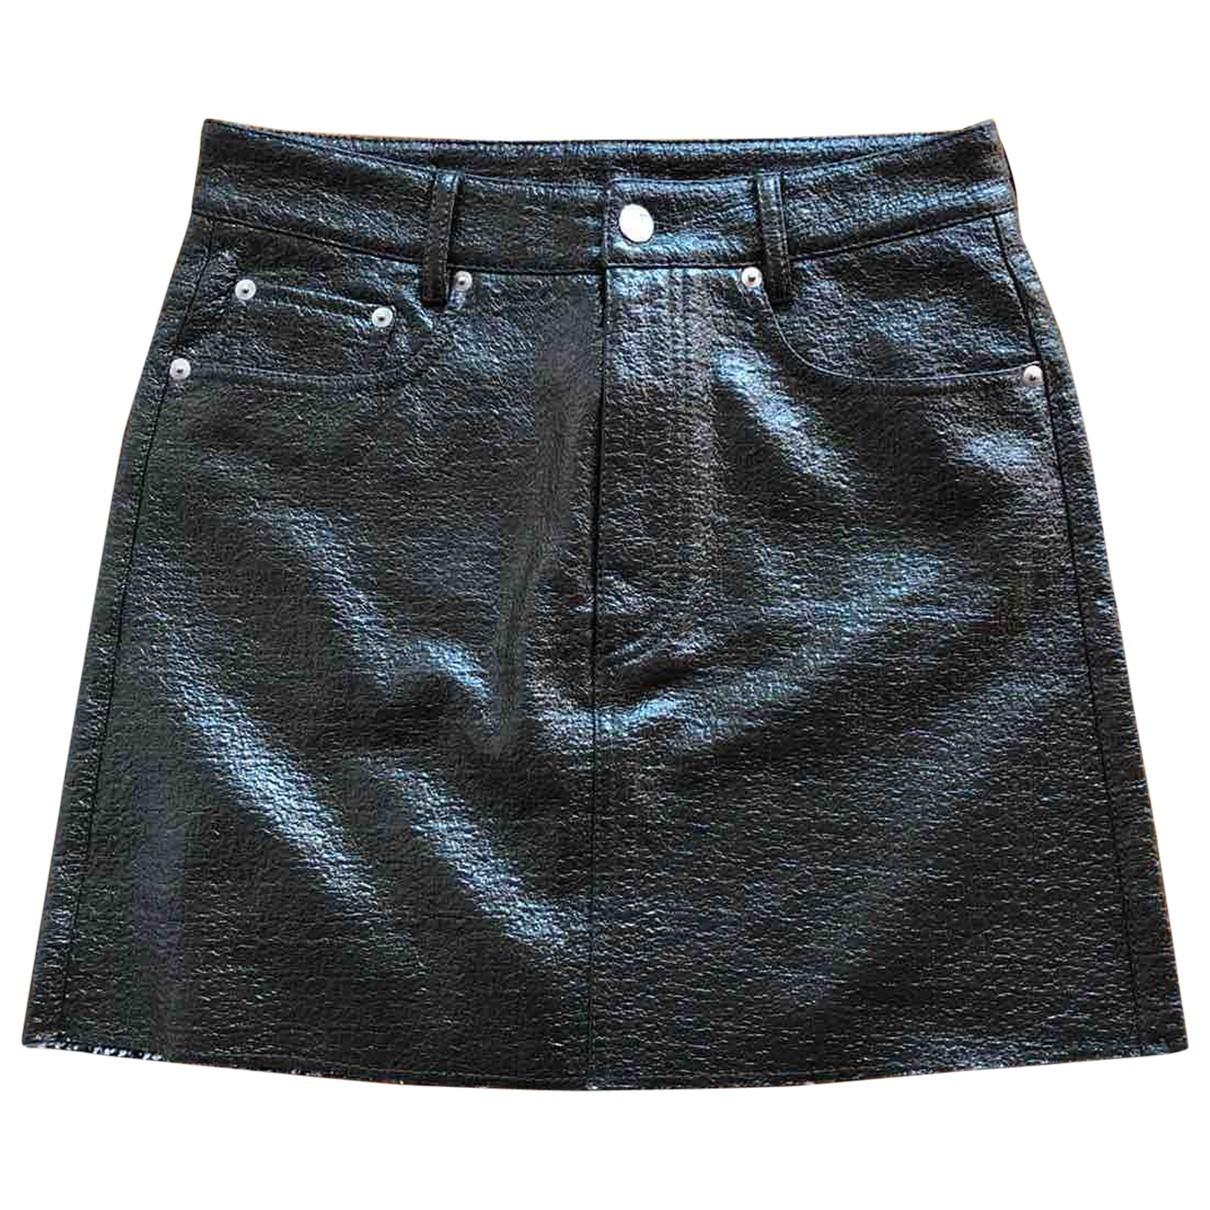 Mm6 - Jupe   pour femme en cuir verni - noir